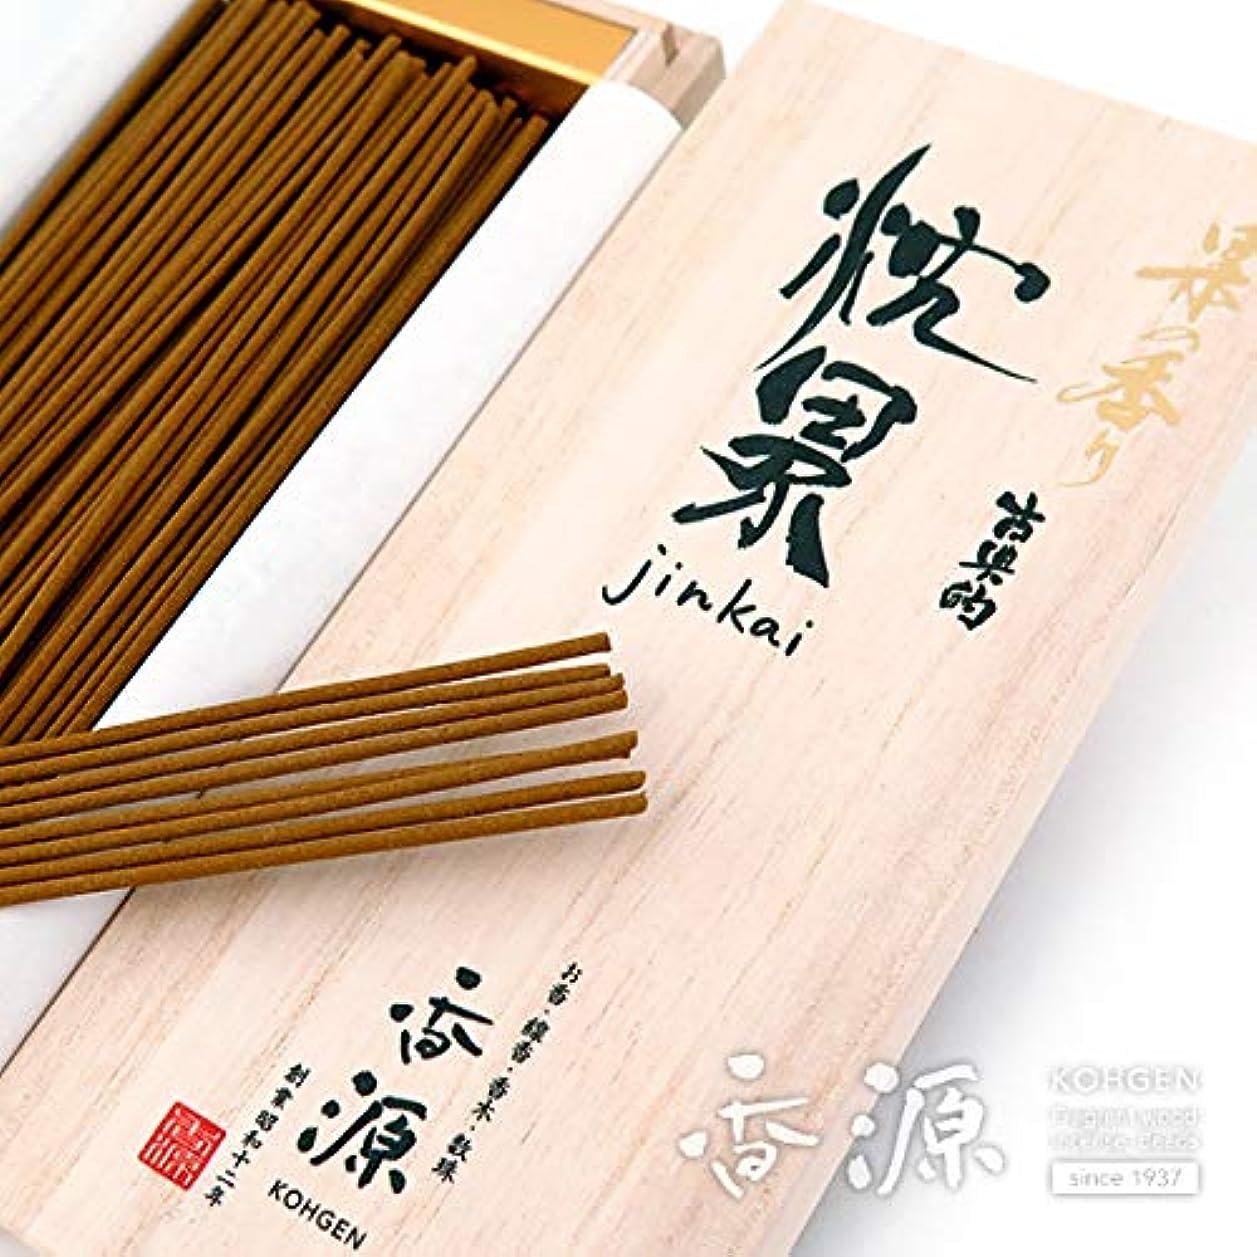 多くの危険がある状況非効率的な炎上香源オリジナル 日本の香り 沈界 短寸桐箱入 お香 お線香 スティック型インセンス 完全限定品 沈香